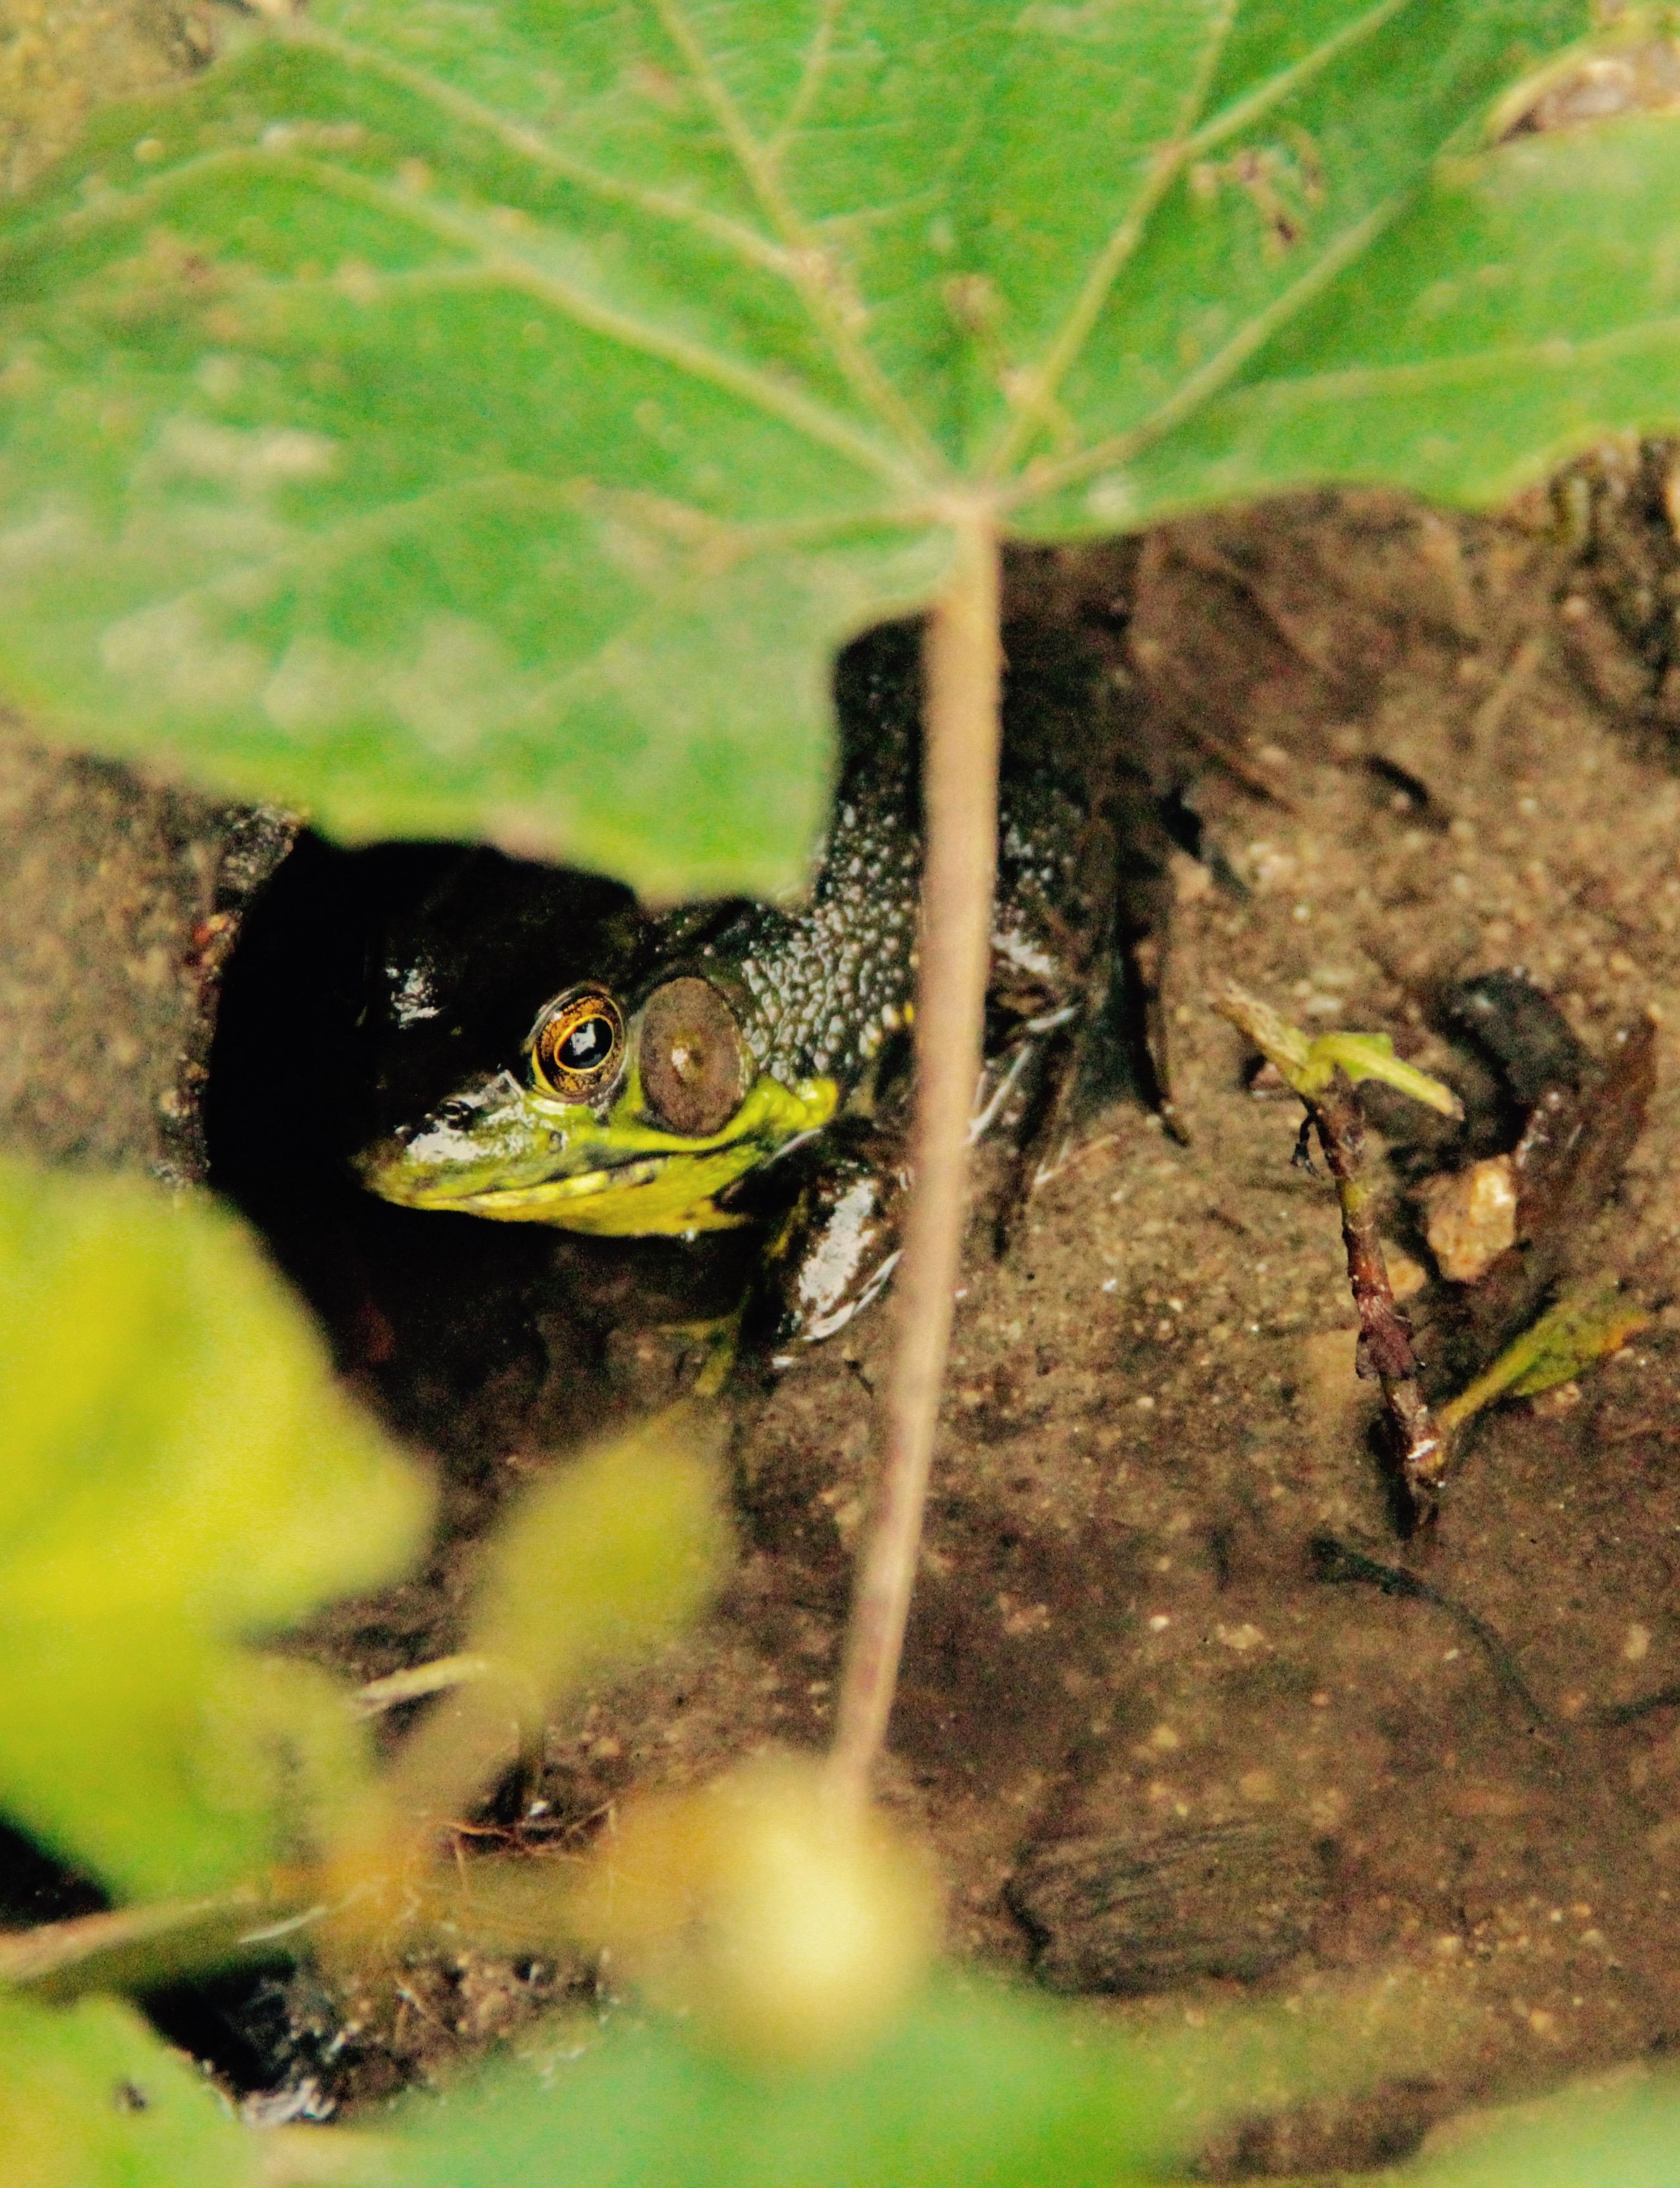 frog hiding